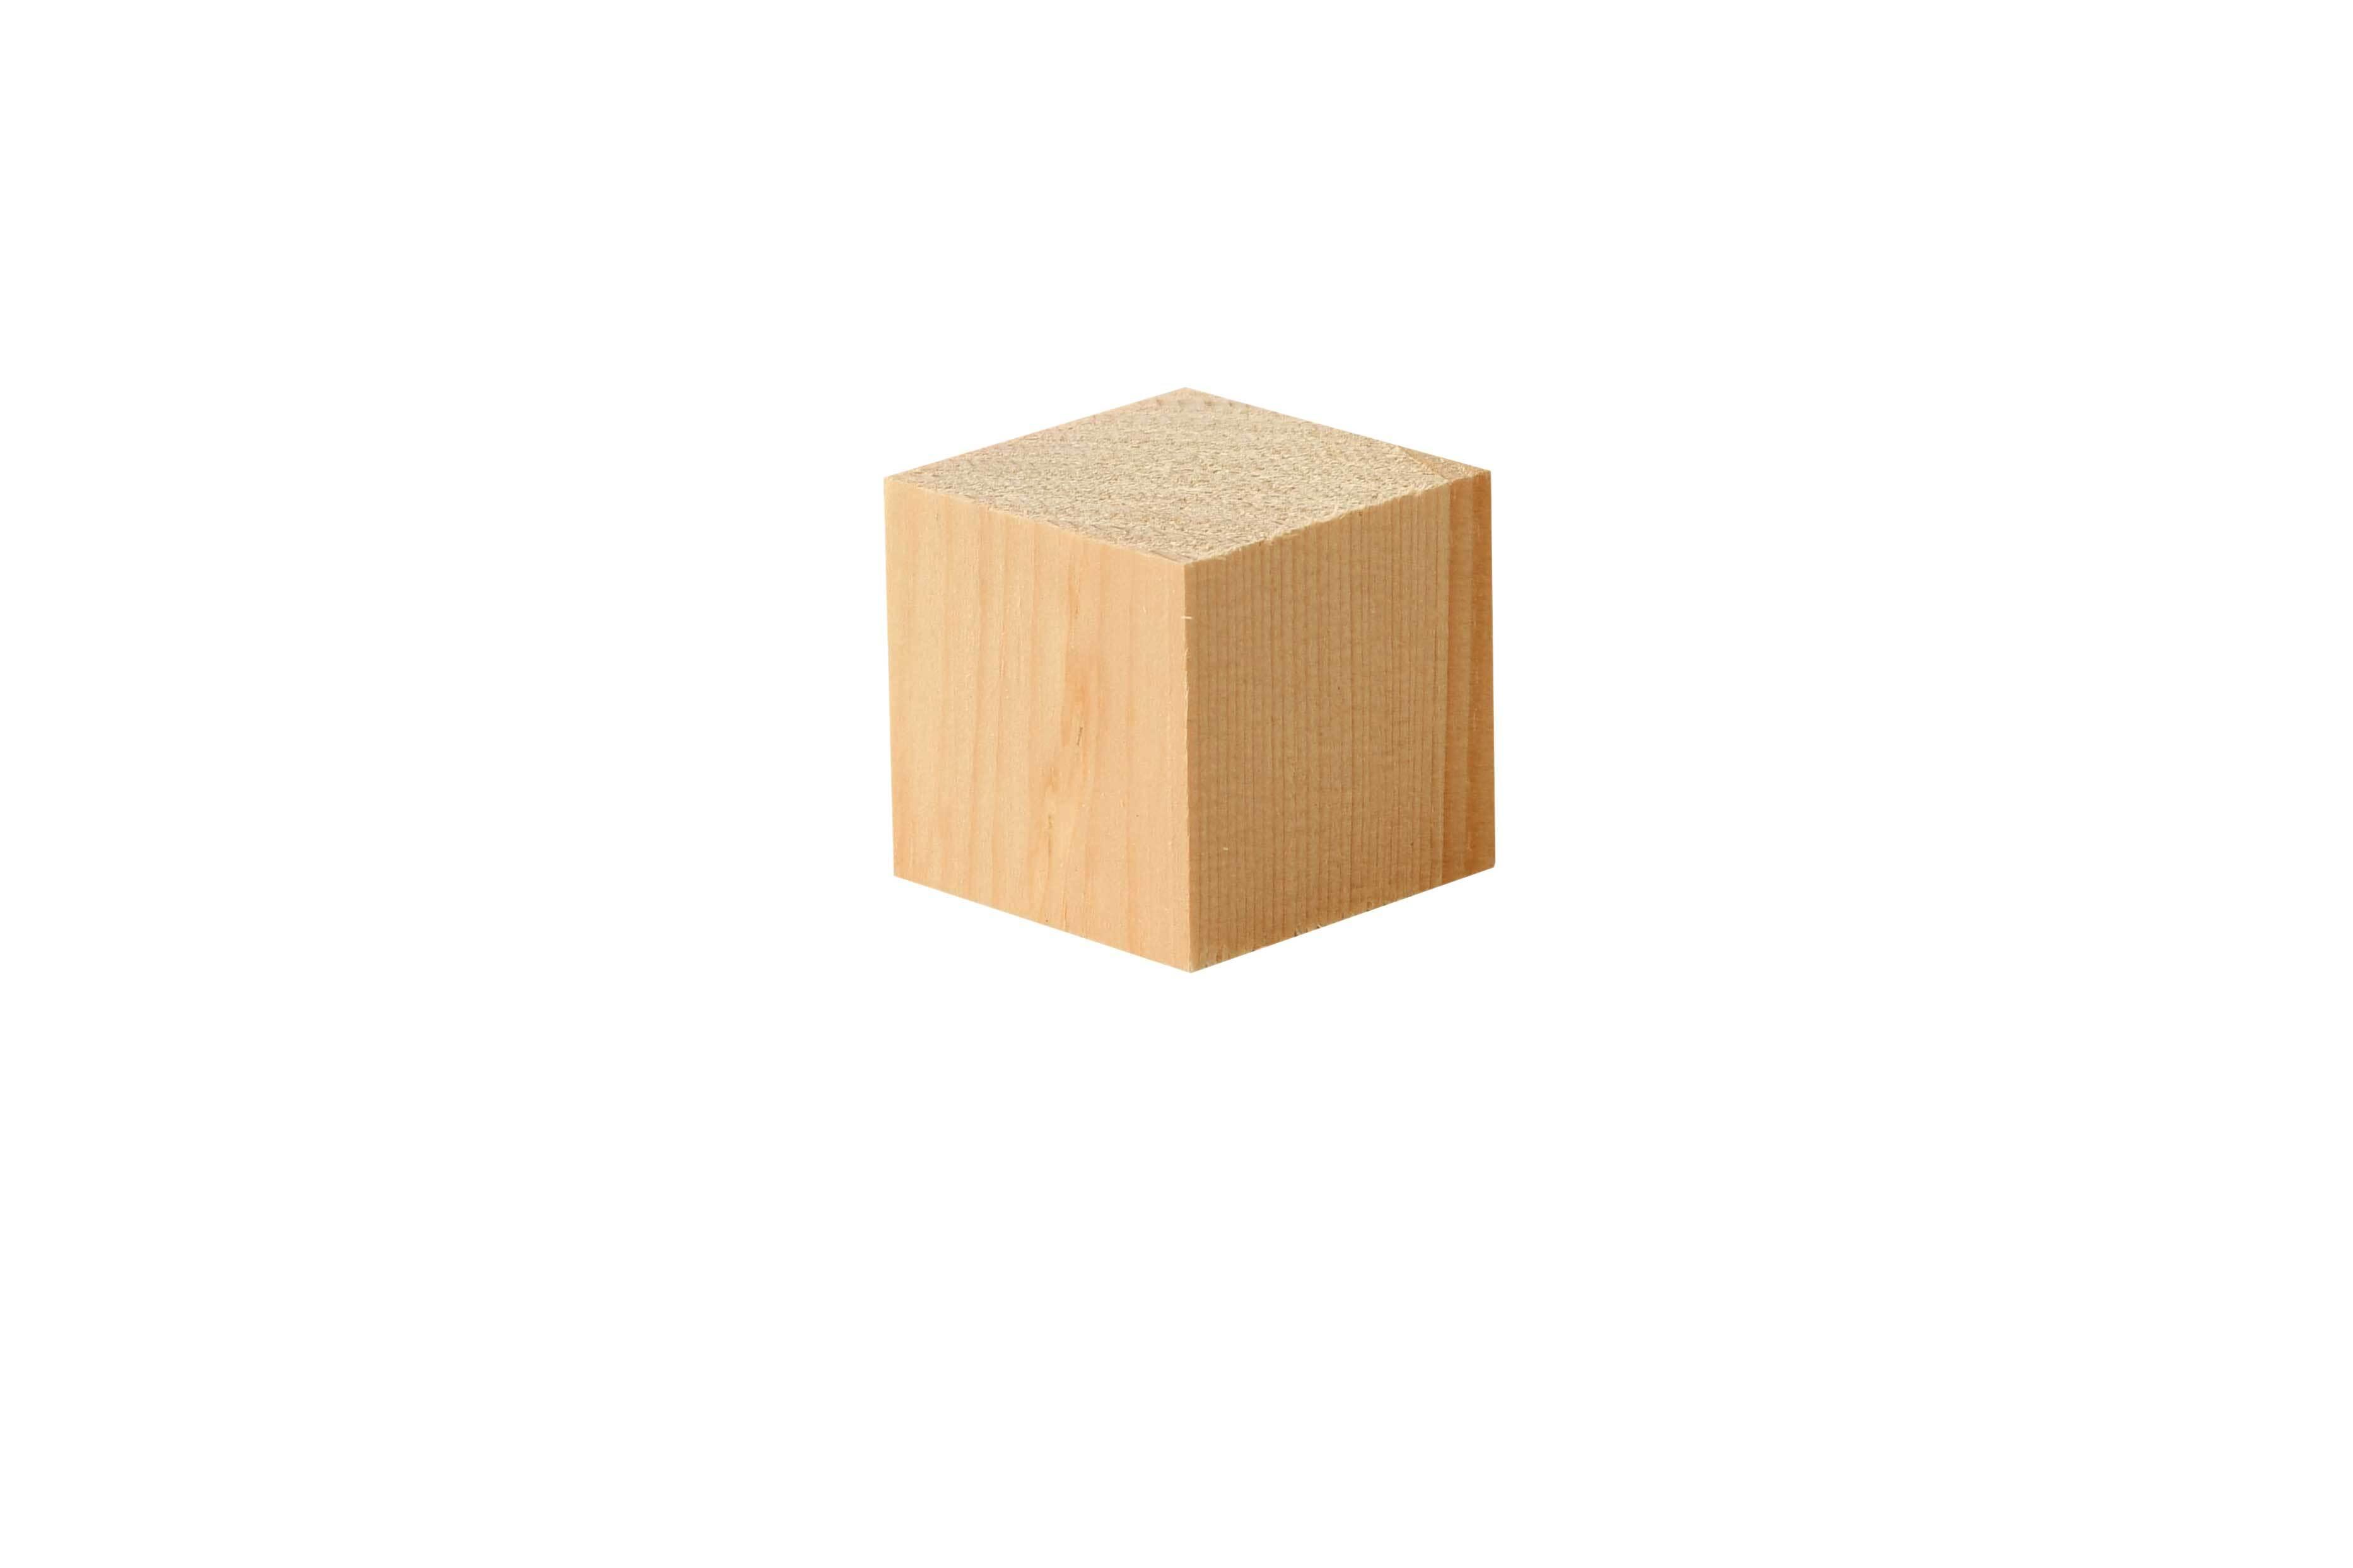 Houten blokjes middel - 50 st., 30 x 30 cm